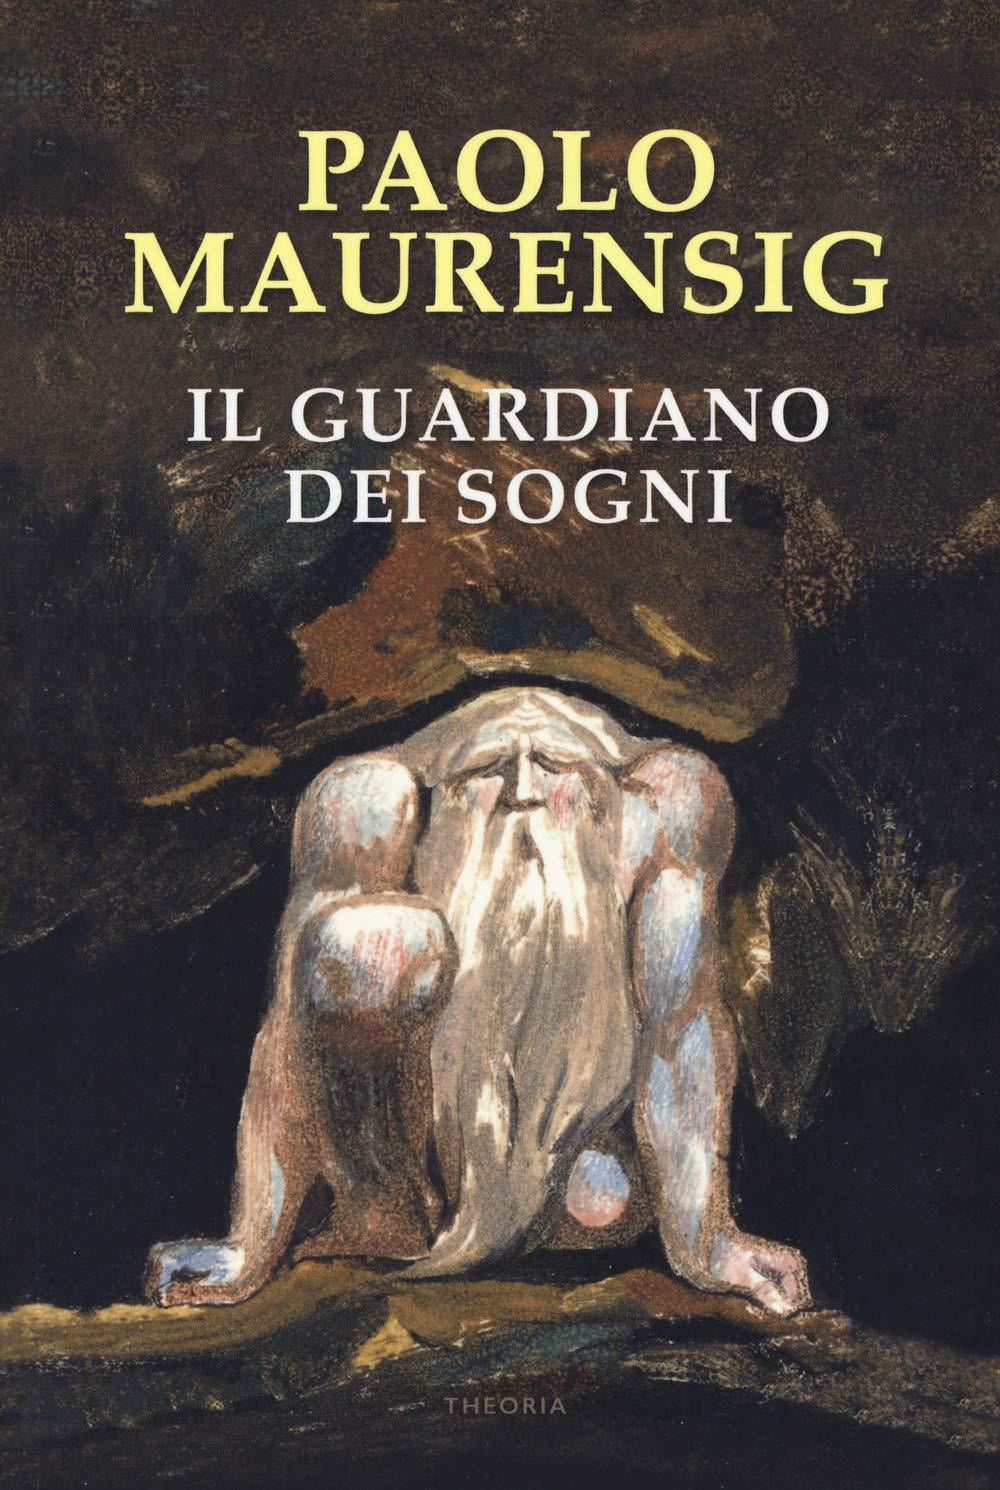 Il guardiano dei sogni di Paolo Maurensig